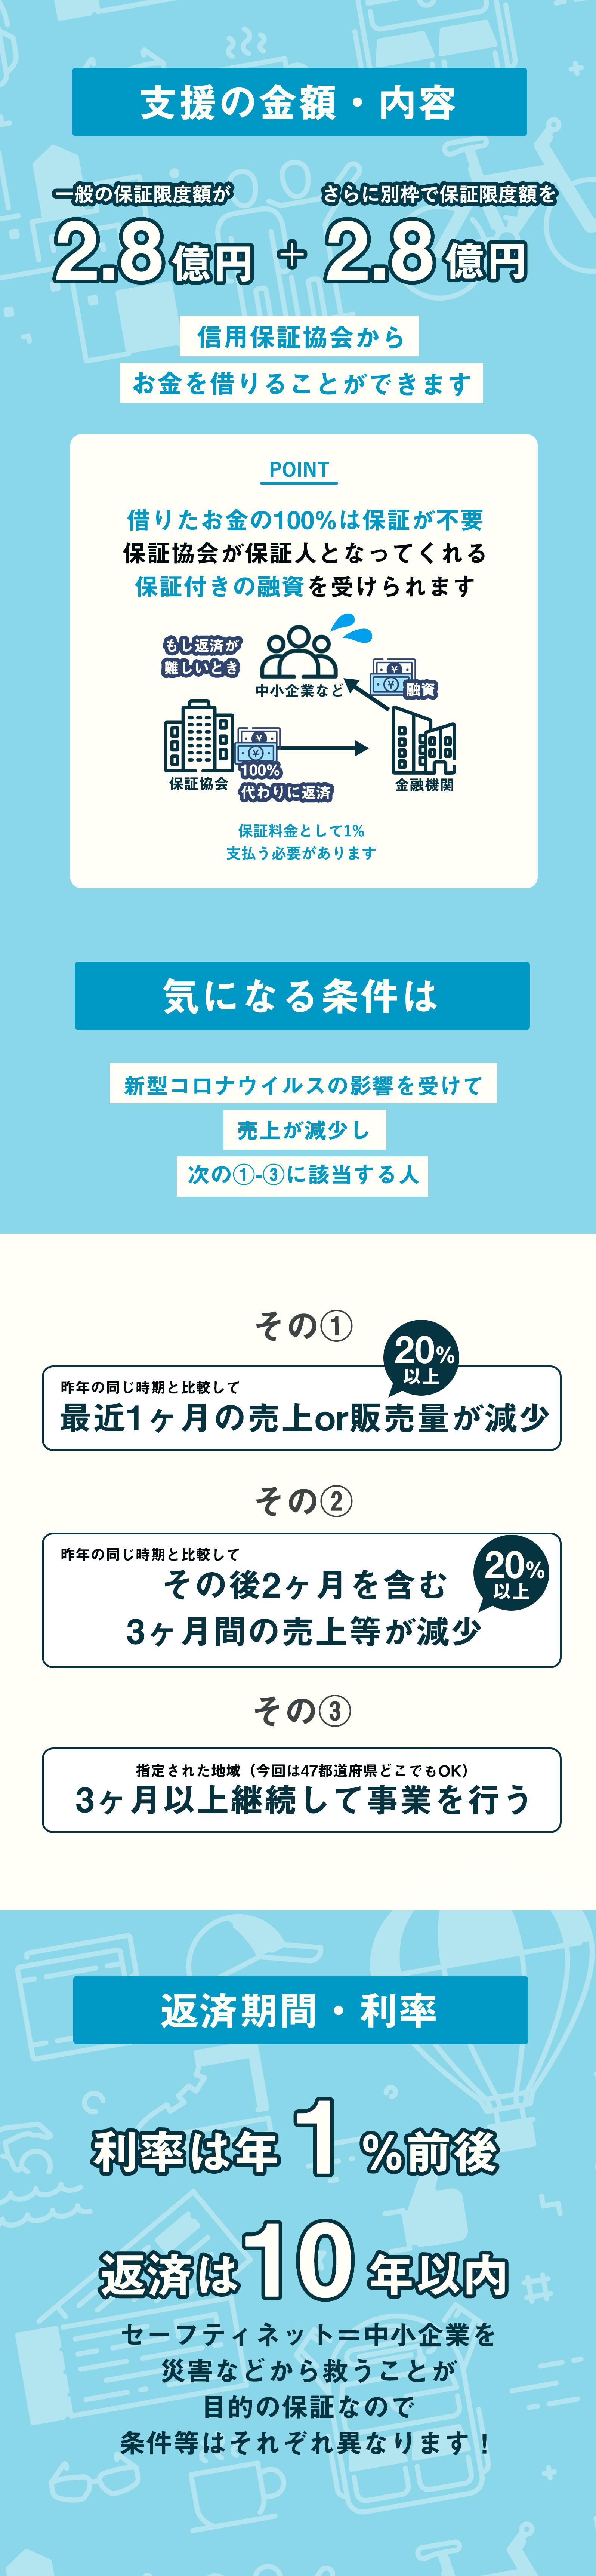 811e73b8fa760e08cf11e032895ef4b1 - 【日本中の中小企業向け】保証付きで5.6億借りれます!